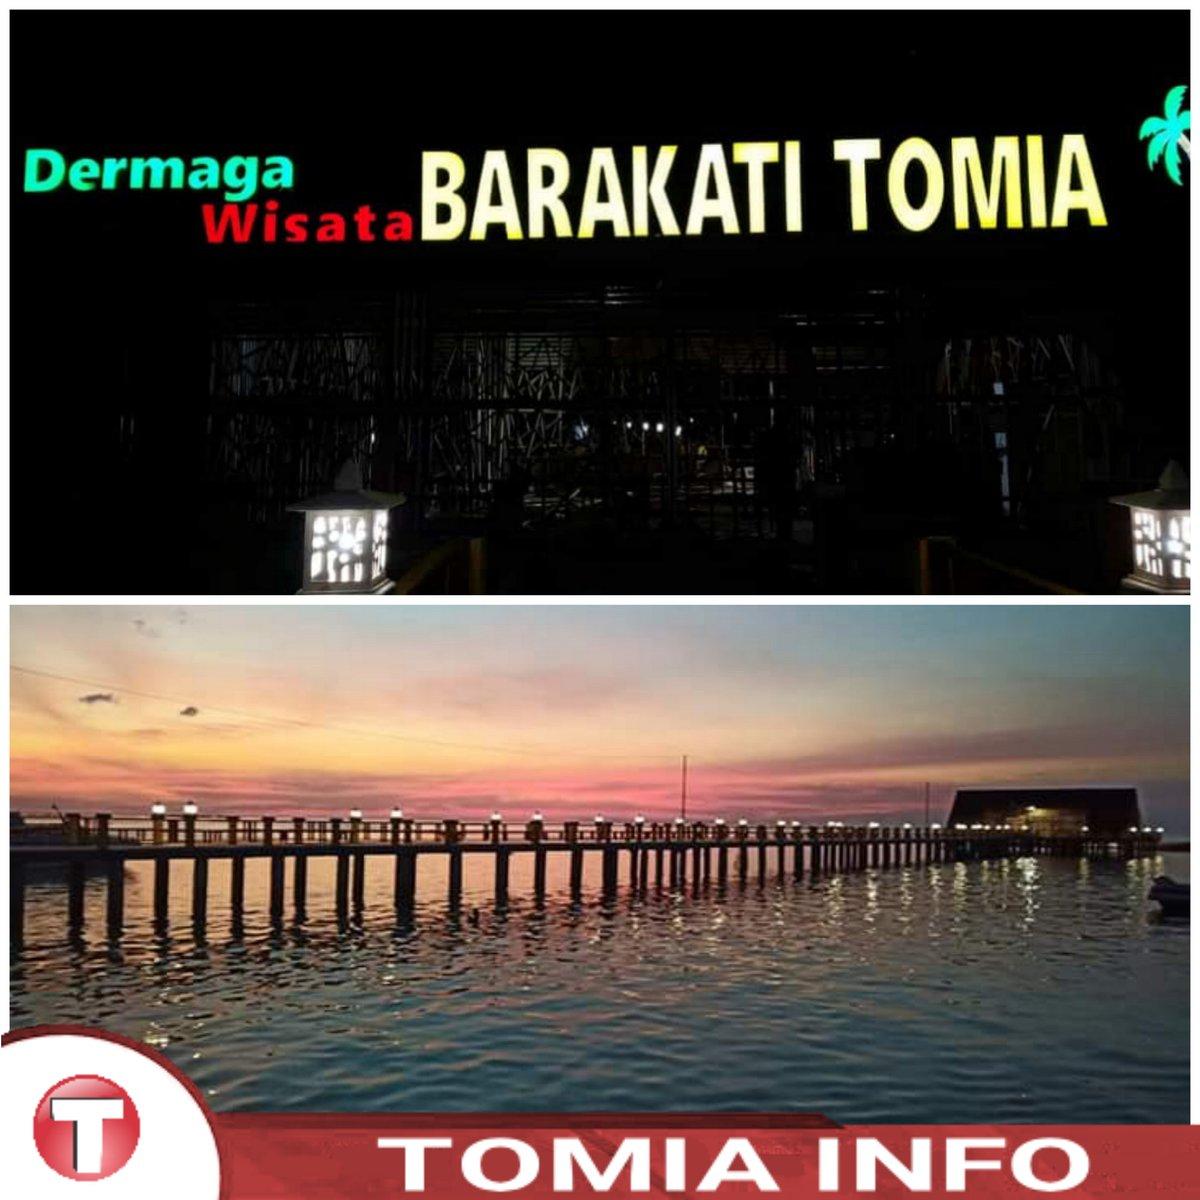 Dermaga Wisata BARAKATI TOMIA. • #onemay https://t.co/S13A4B3C5M